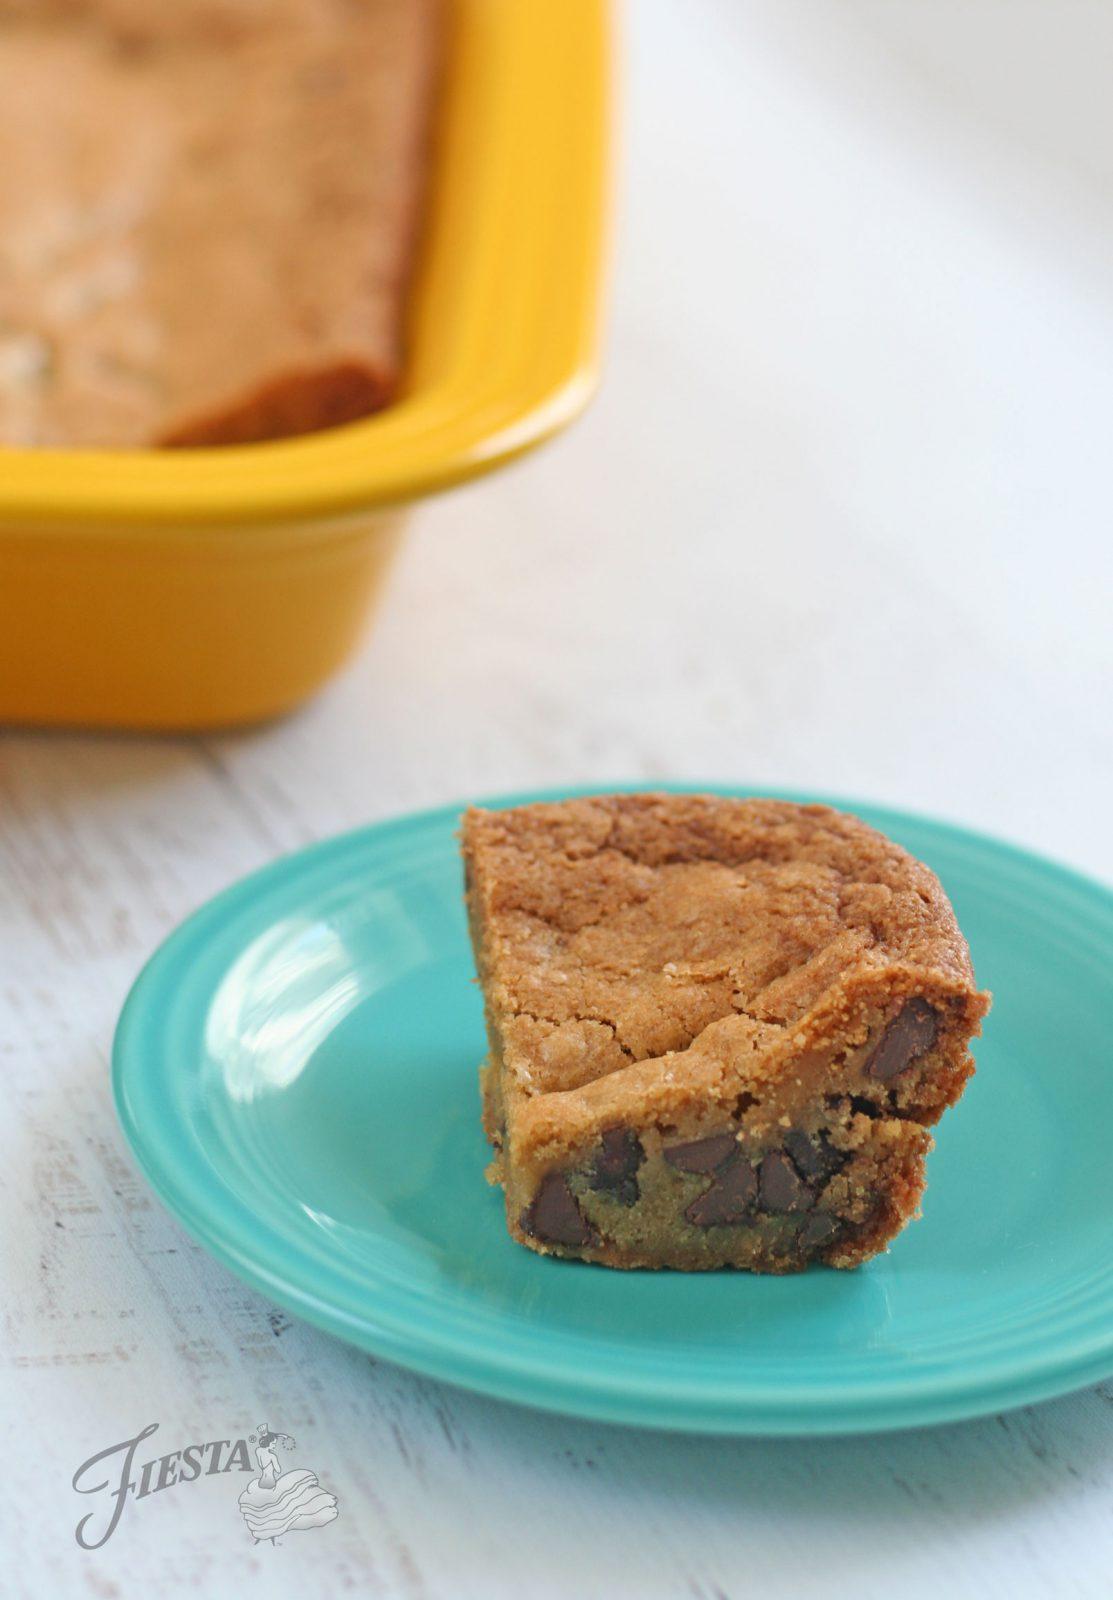 fiesta dinnerware baker cookie bars